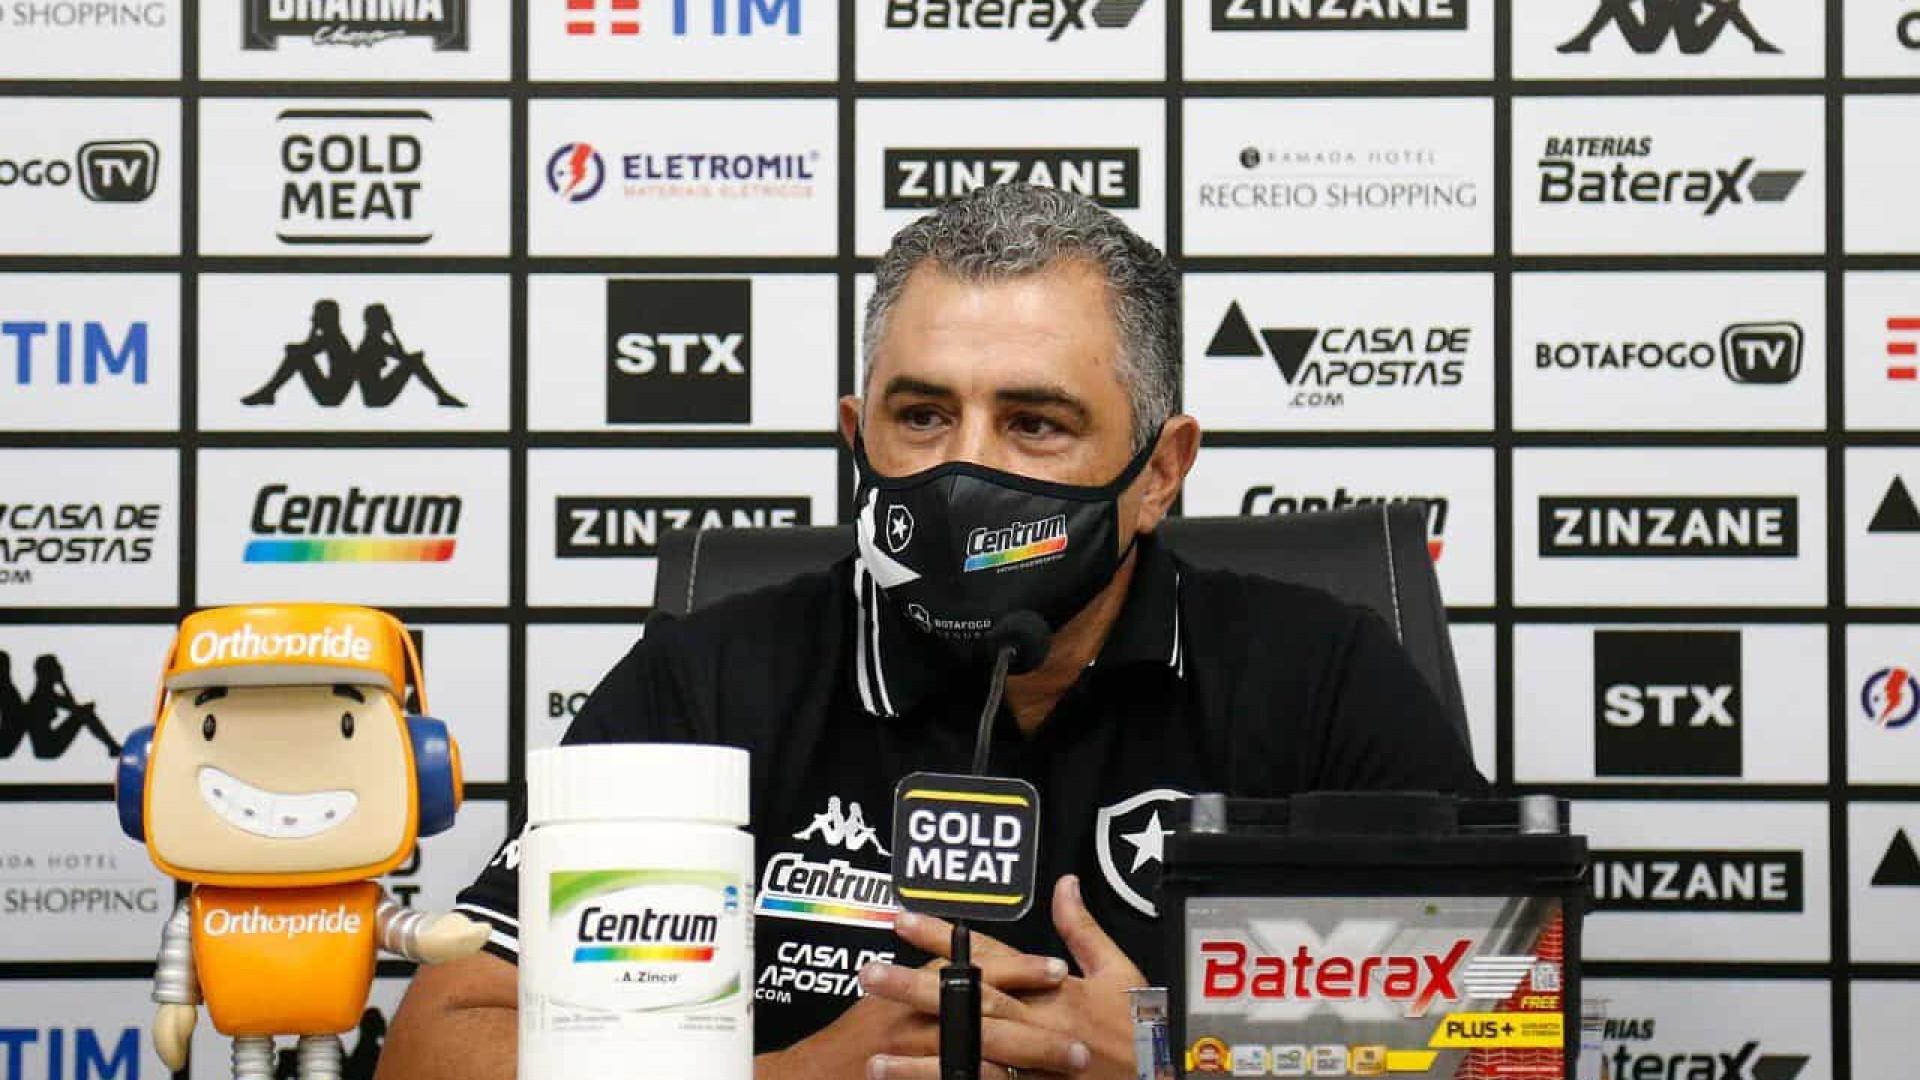 Botafogo apresenta Marcelo Chamusca como novo treinador